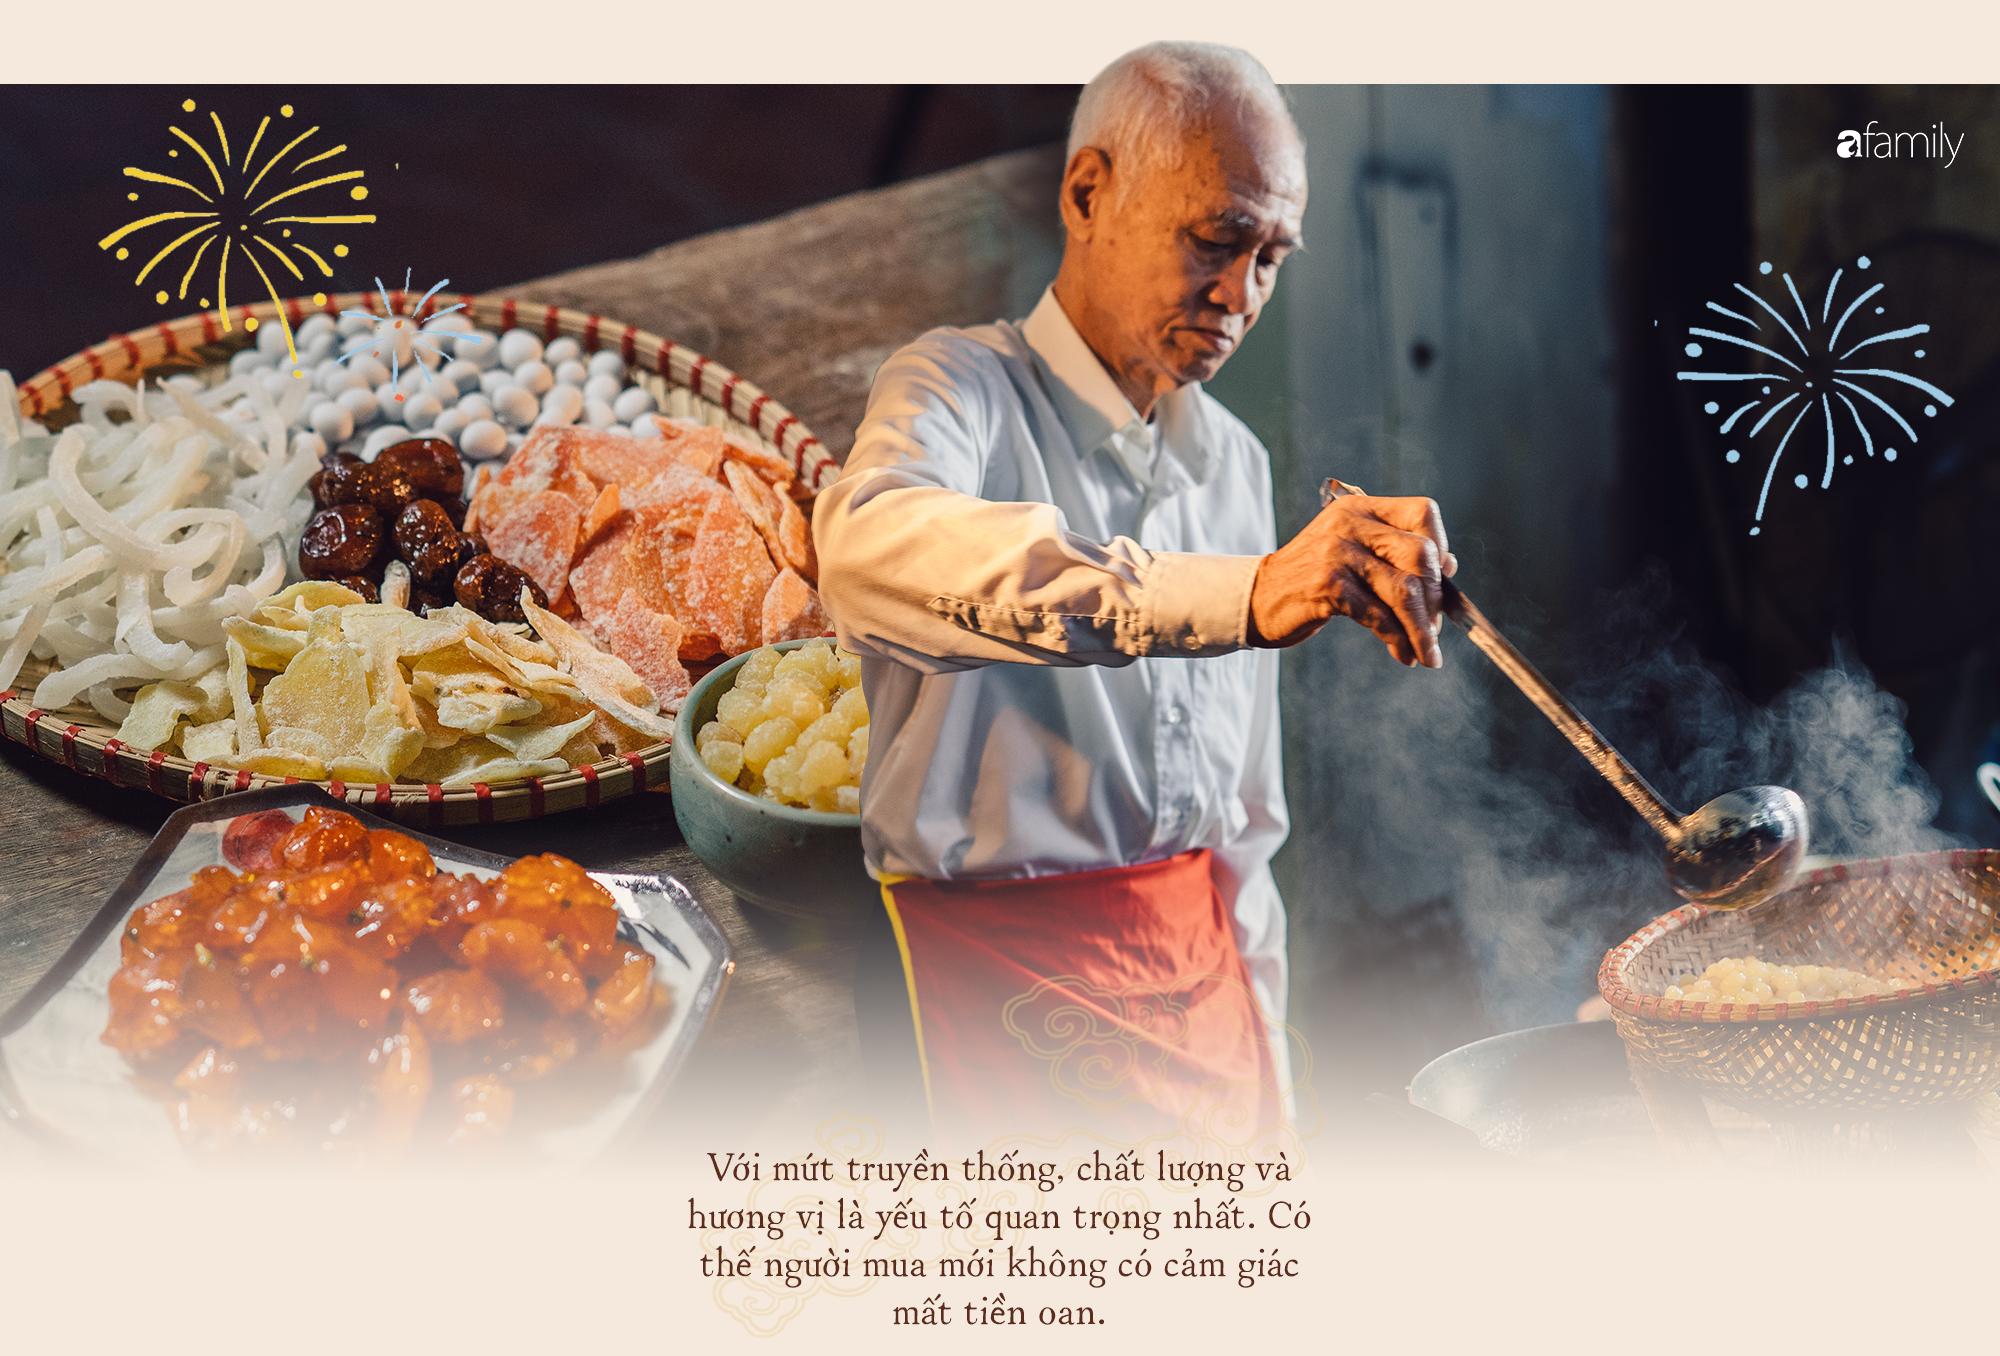 Gia tộc hơn 100 năm làm mứt Tết truyền thống ở Hà Nội: Ăn mứt phải ăn cái thật chất chứ không dùng bao bì hào nhoáng che đậy ẩm thực xoàng xĩnh - Ảnh 13.